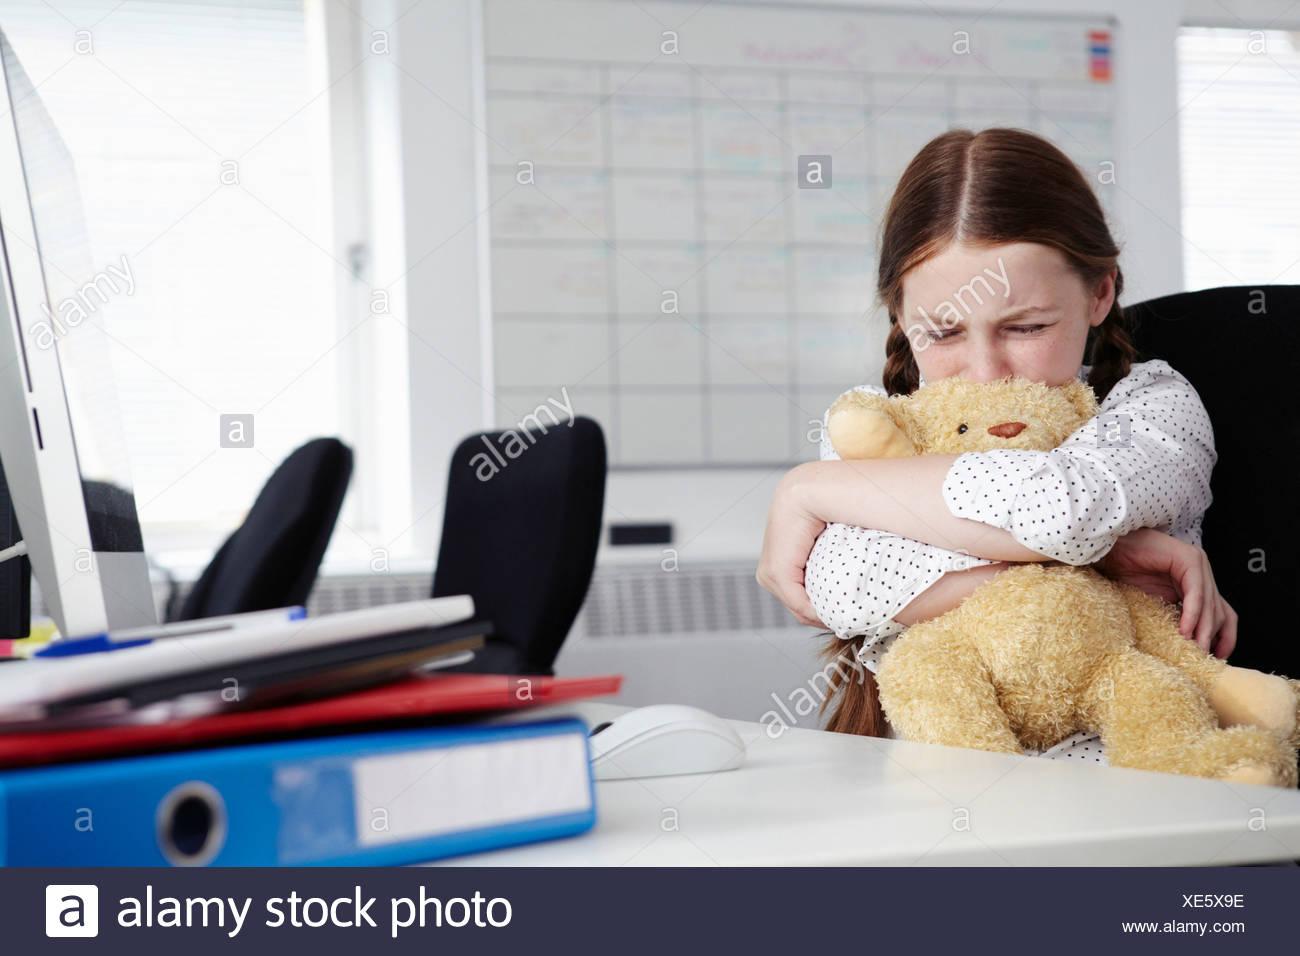 Chica sentada en la oficina abrazando un osito y llorar Imagen De Stock